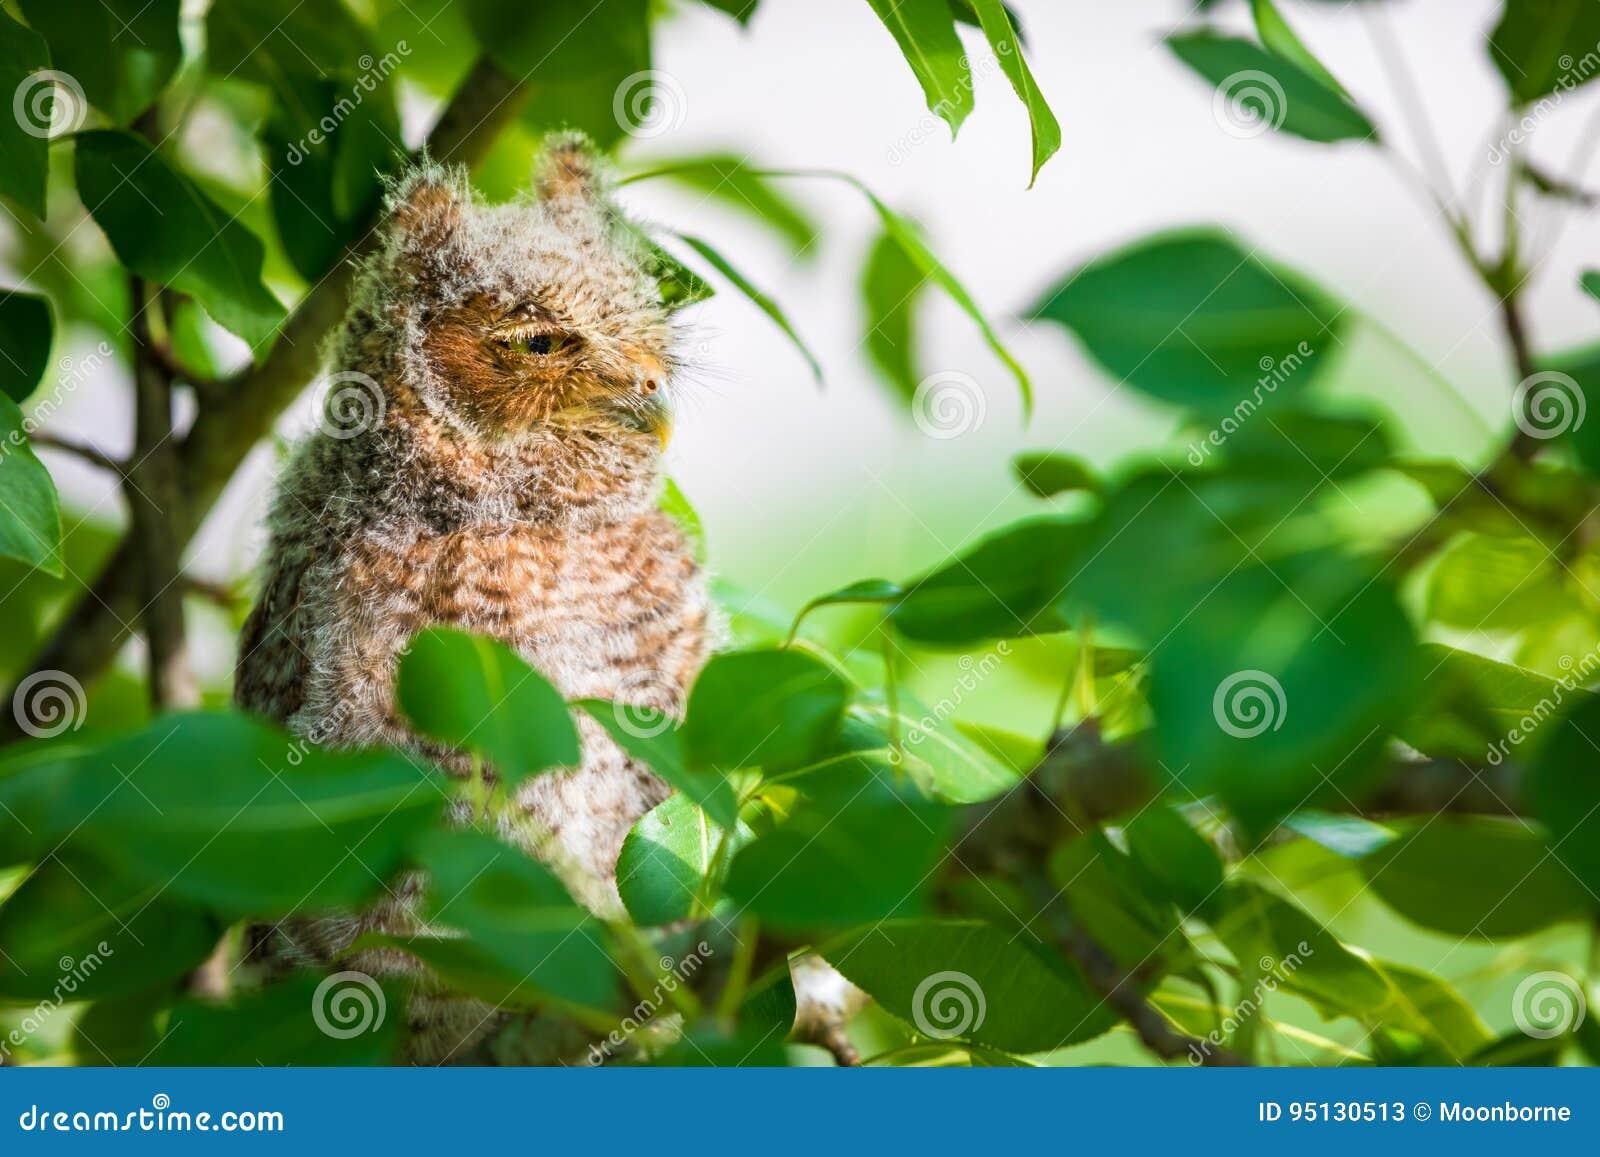 Gnissel Owl Looking Away